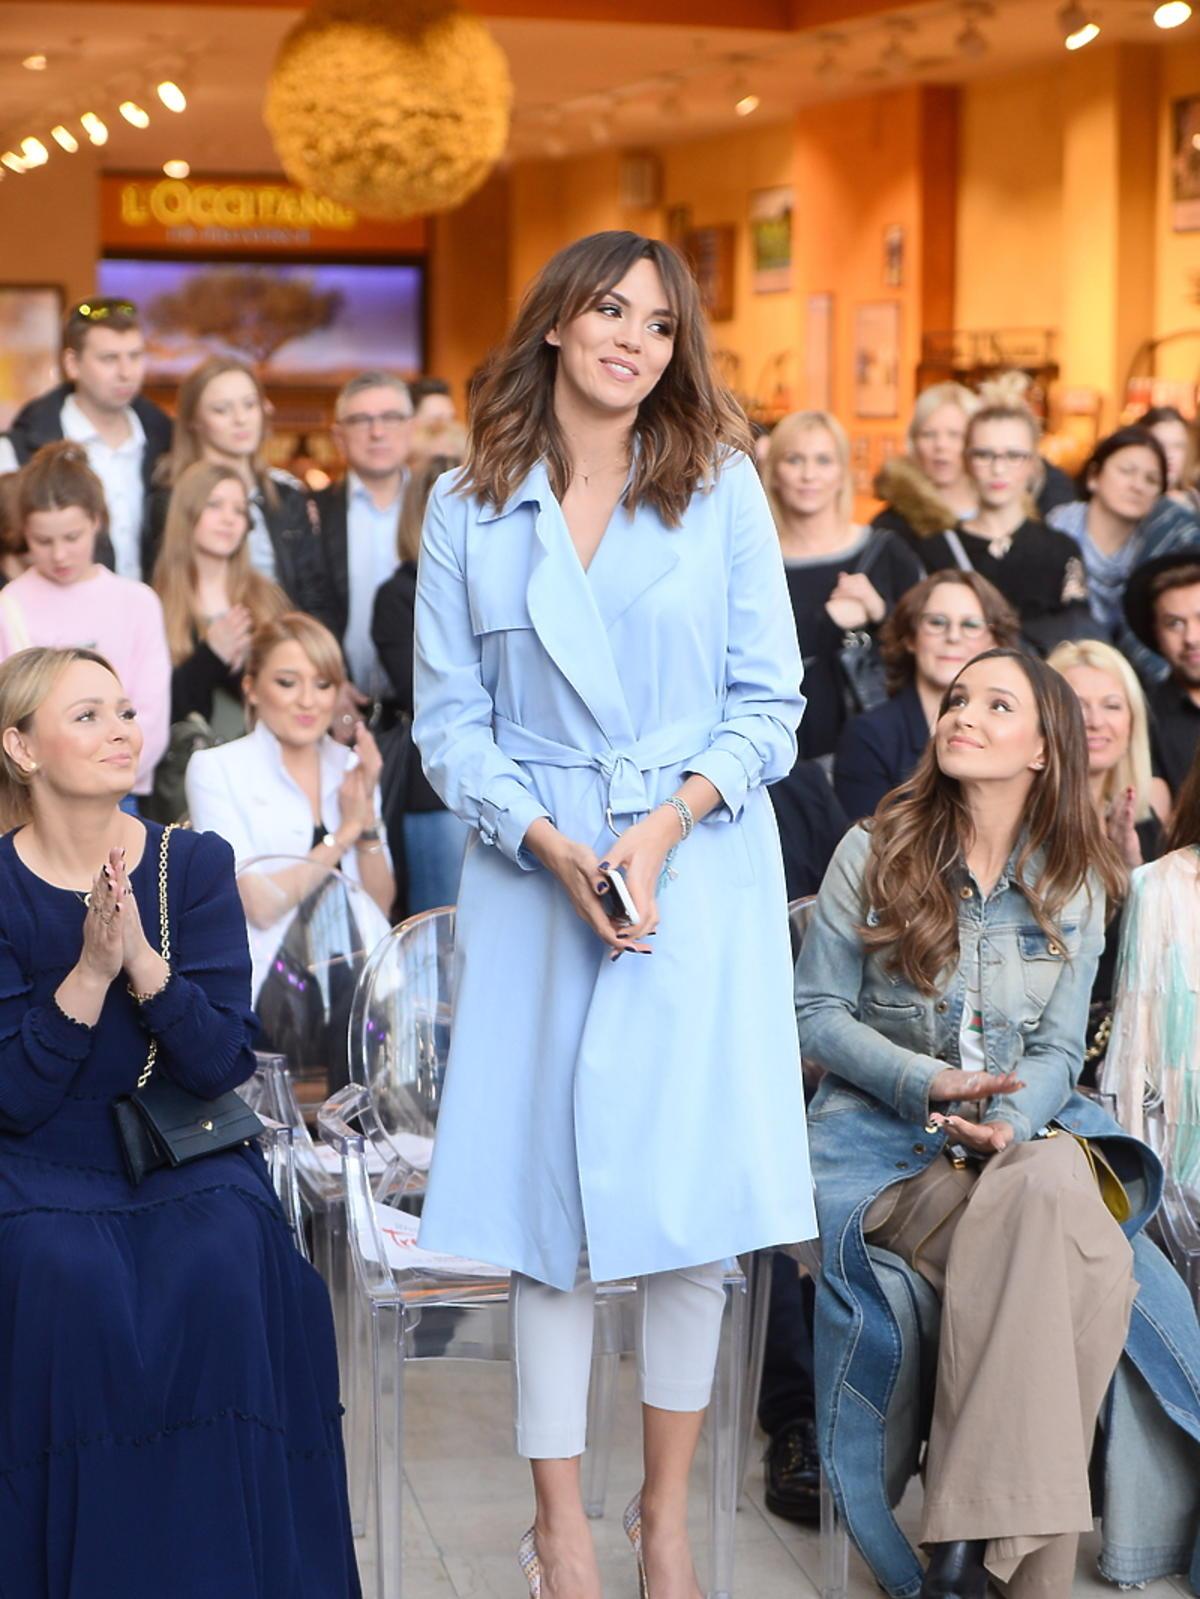 Paulina Krupińska w ciąży w błękitnym płaszczu na evencie marki kosmetycznej